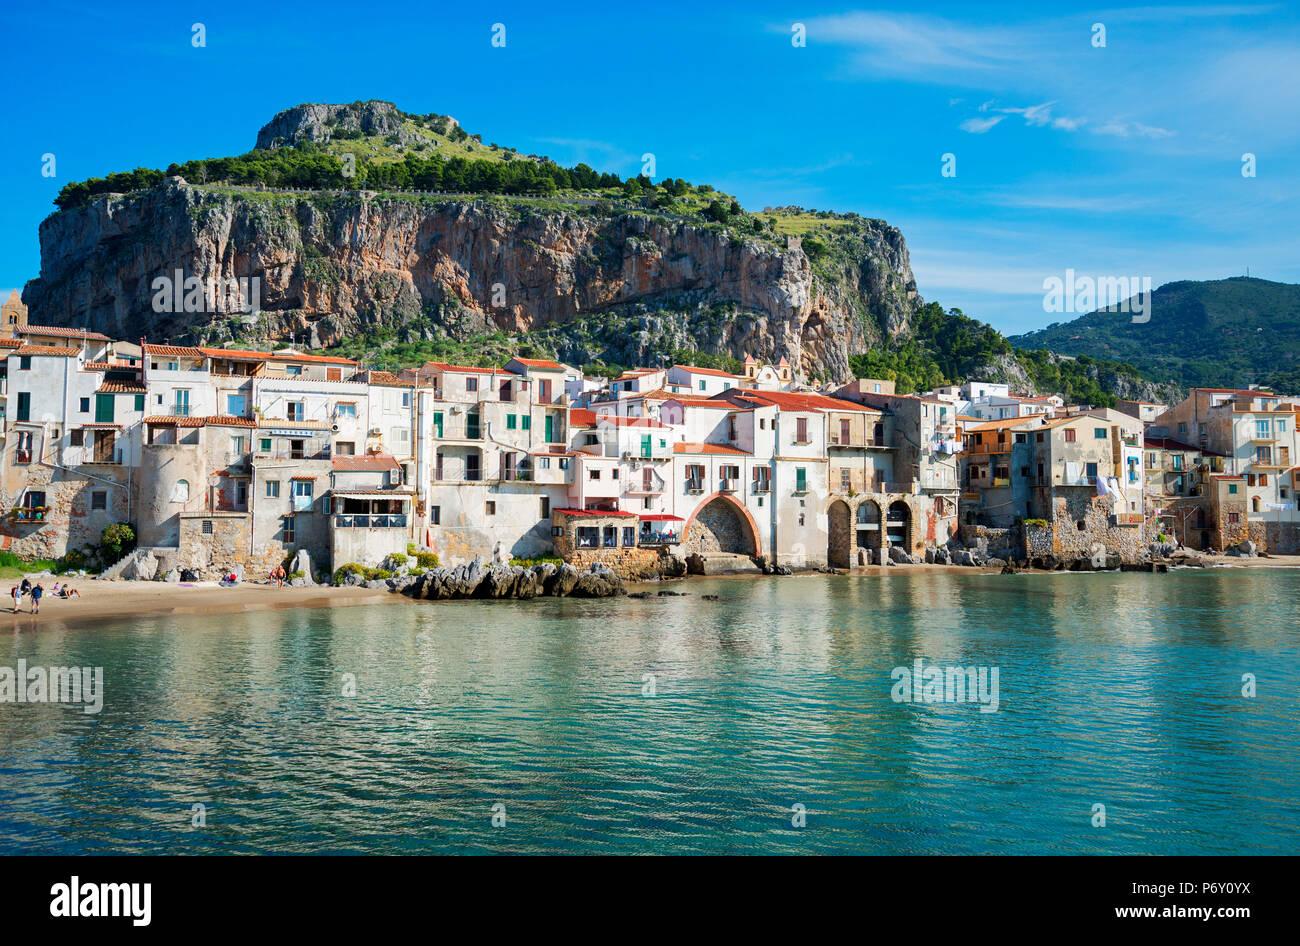 Città vecchia e la Rocca Cliff, Cefalu, Sicilia, Italia, Europa Immagini Stock